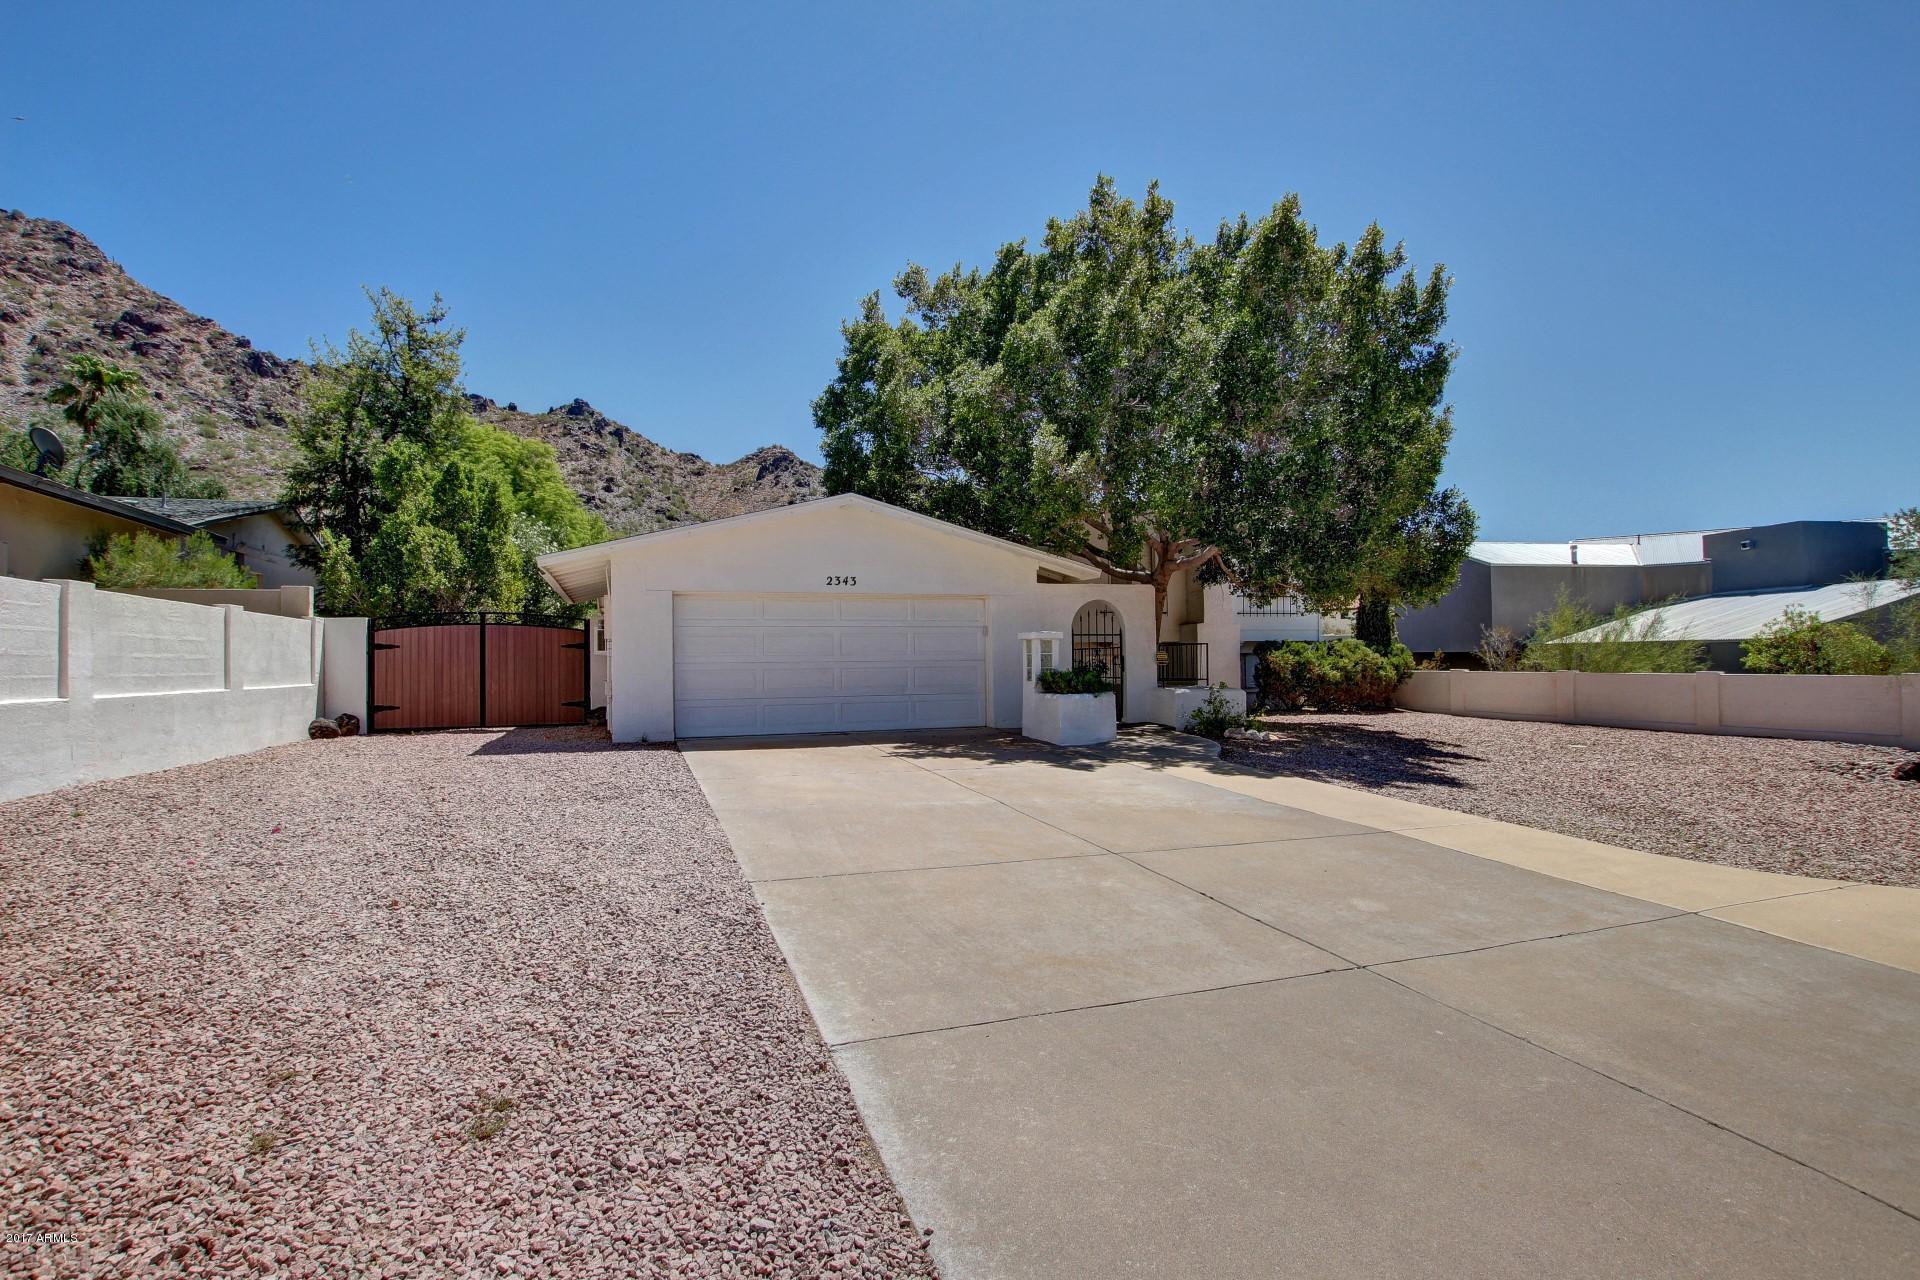 2343 E ORANGEWOOD Avenue, Phoenix, AZ 85020